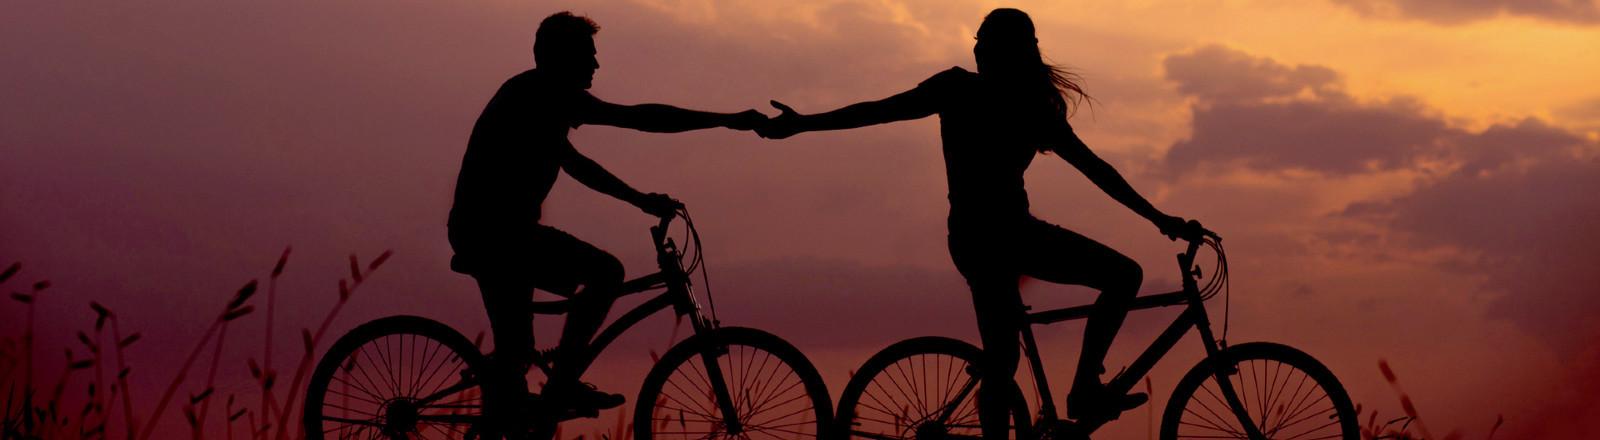 Paar fährt Rad vor Sonnenuntergang.